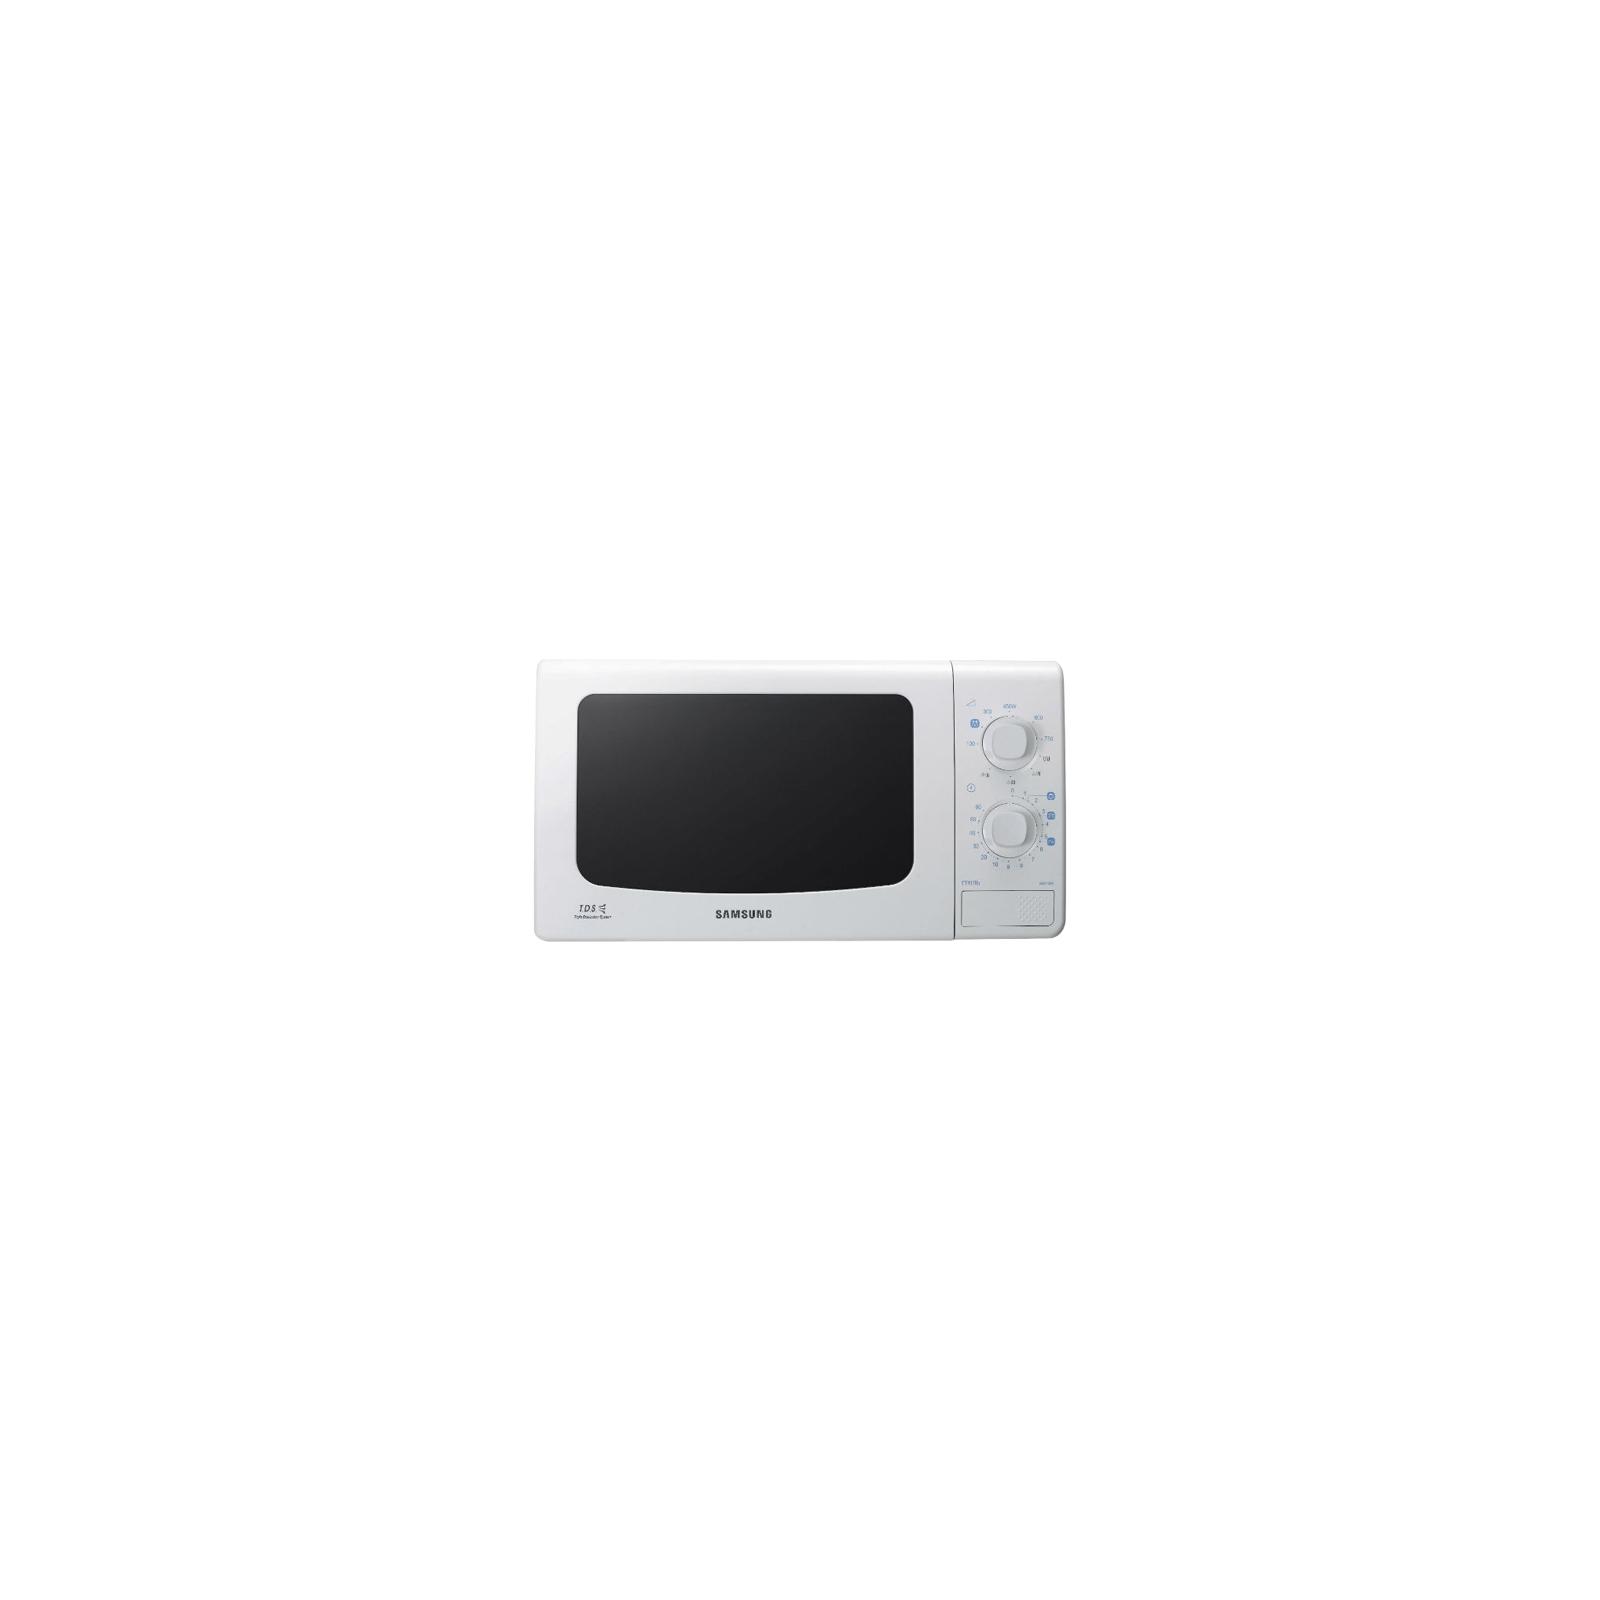 Микроволновая печь Samsung ME713KR (ME713KR/BWT)